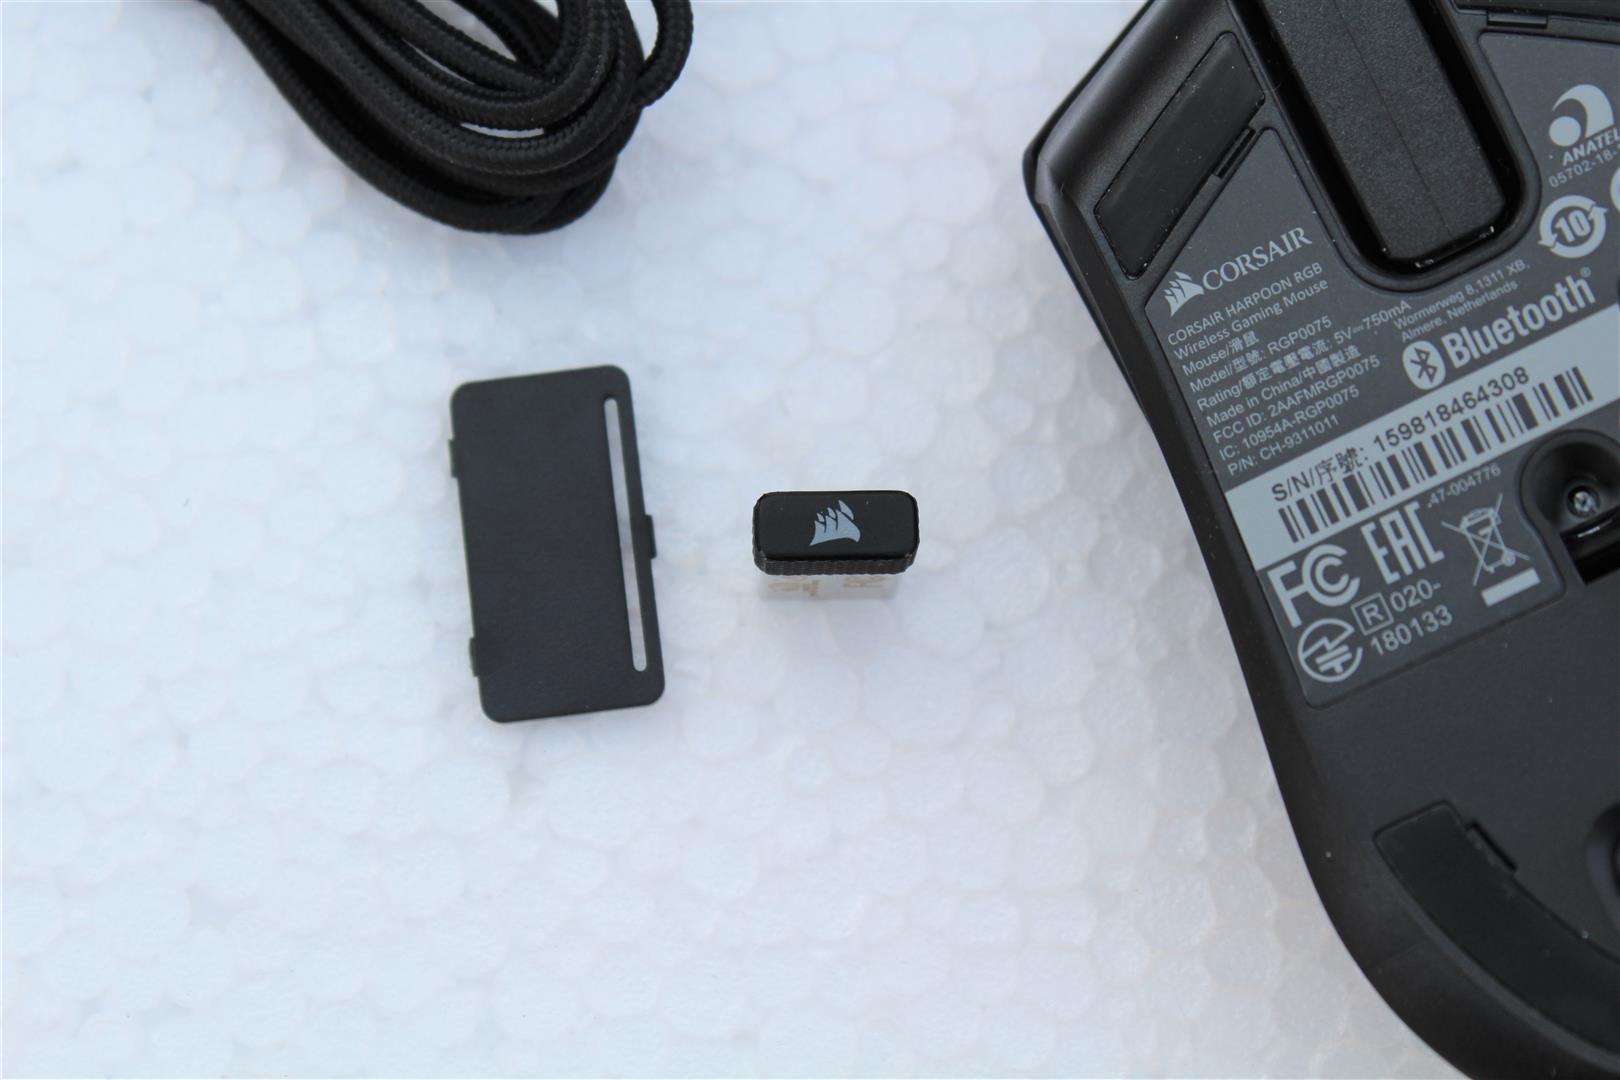 CORSAIR HARPOON RGB Wireless Mouse Review - PC TeK REVIEWS